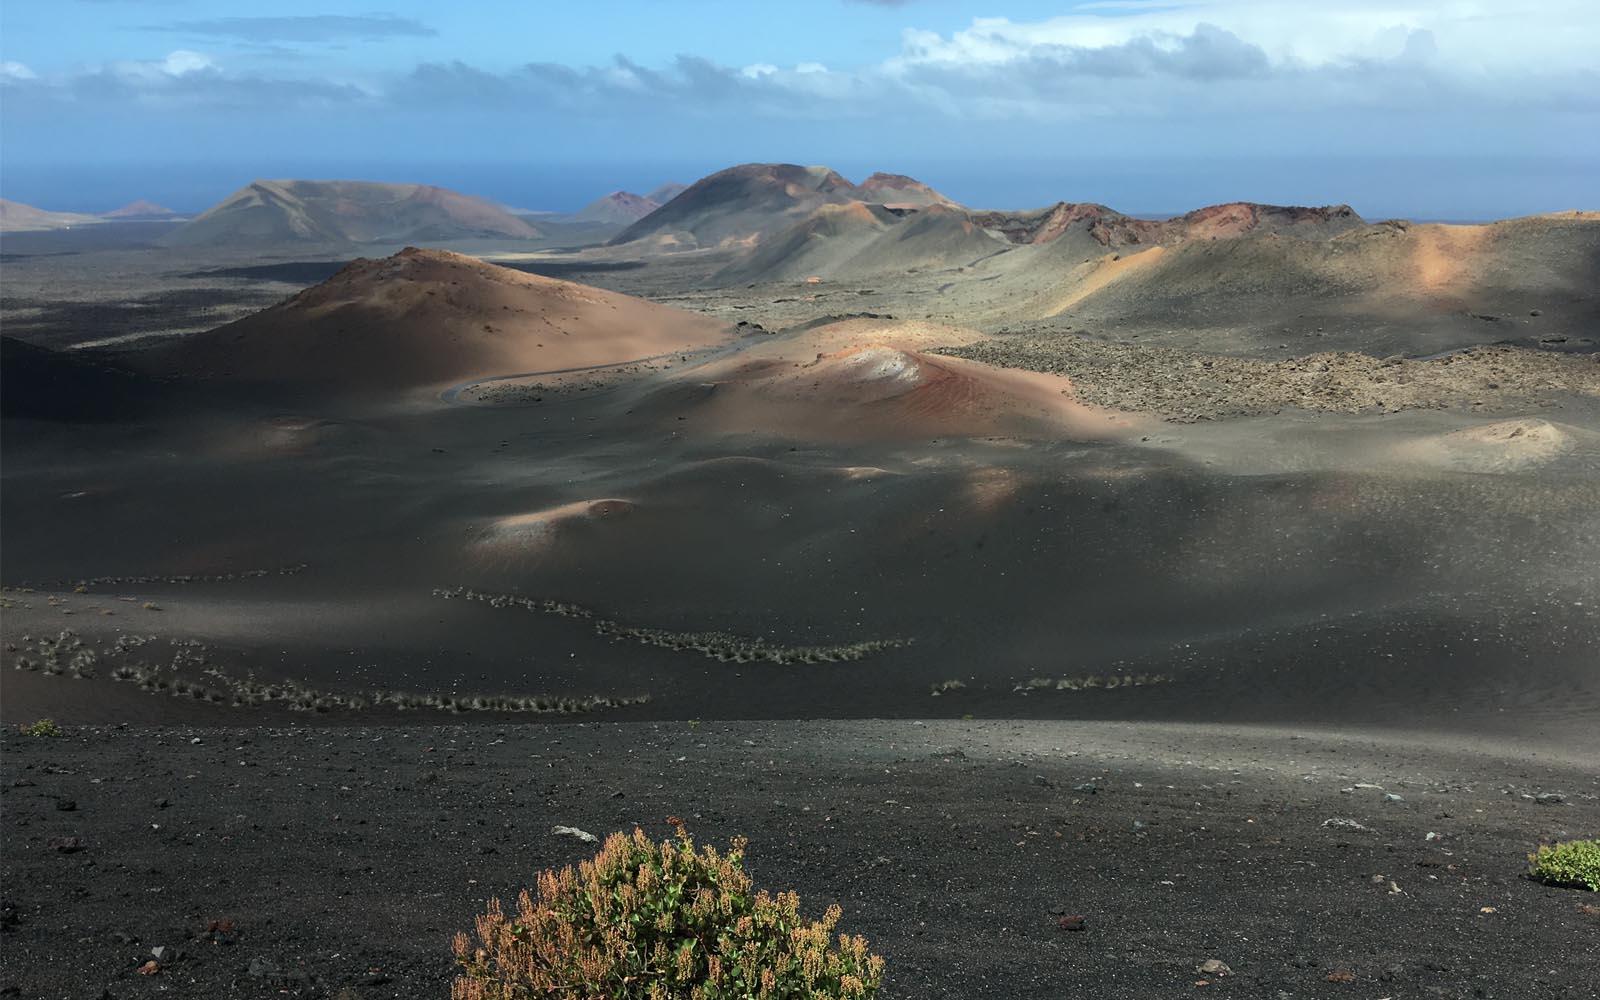 Il paesaggio lunare di Lanzarote, isola vulcanica dal fascino selvaggio.